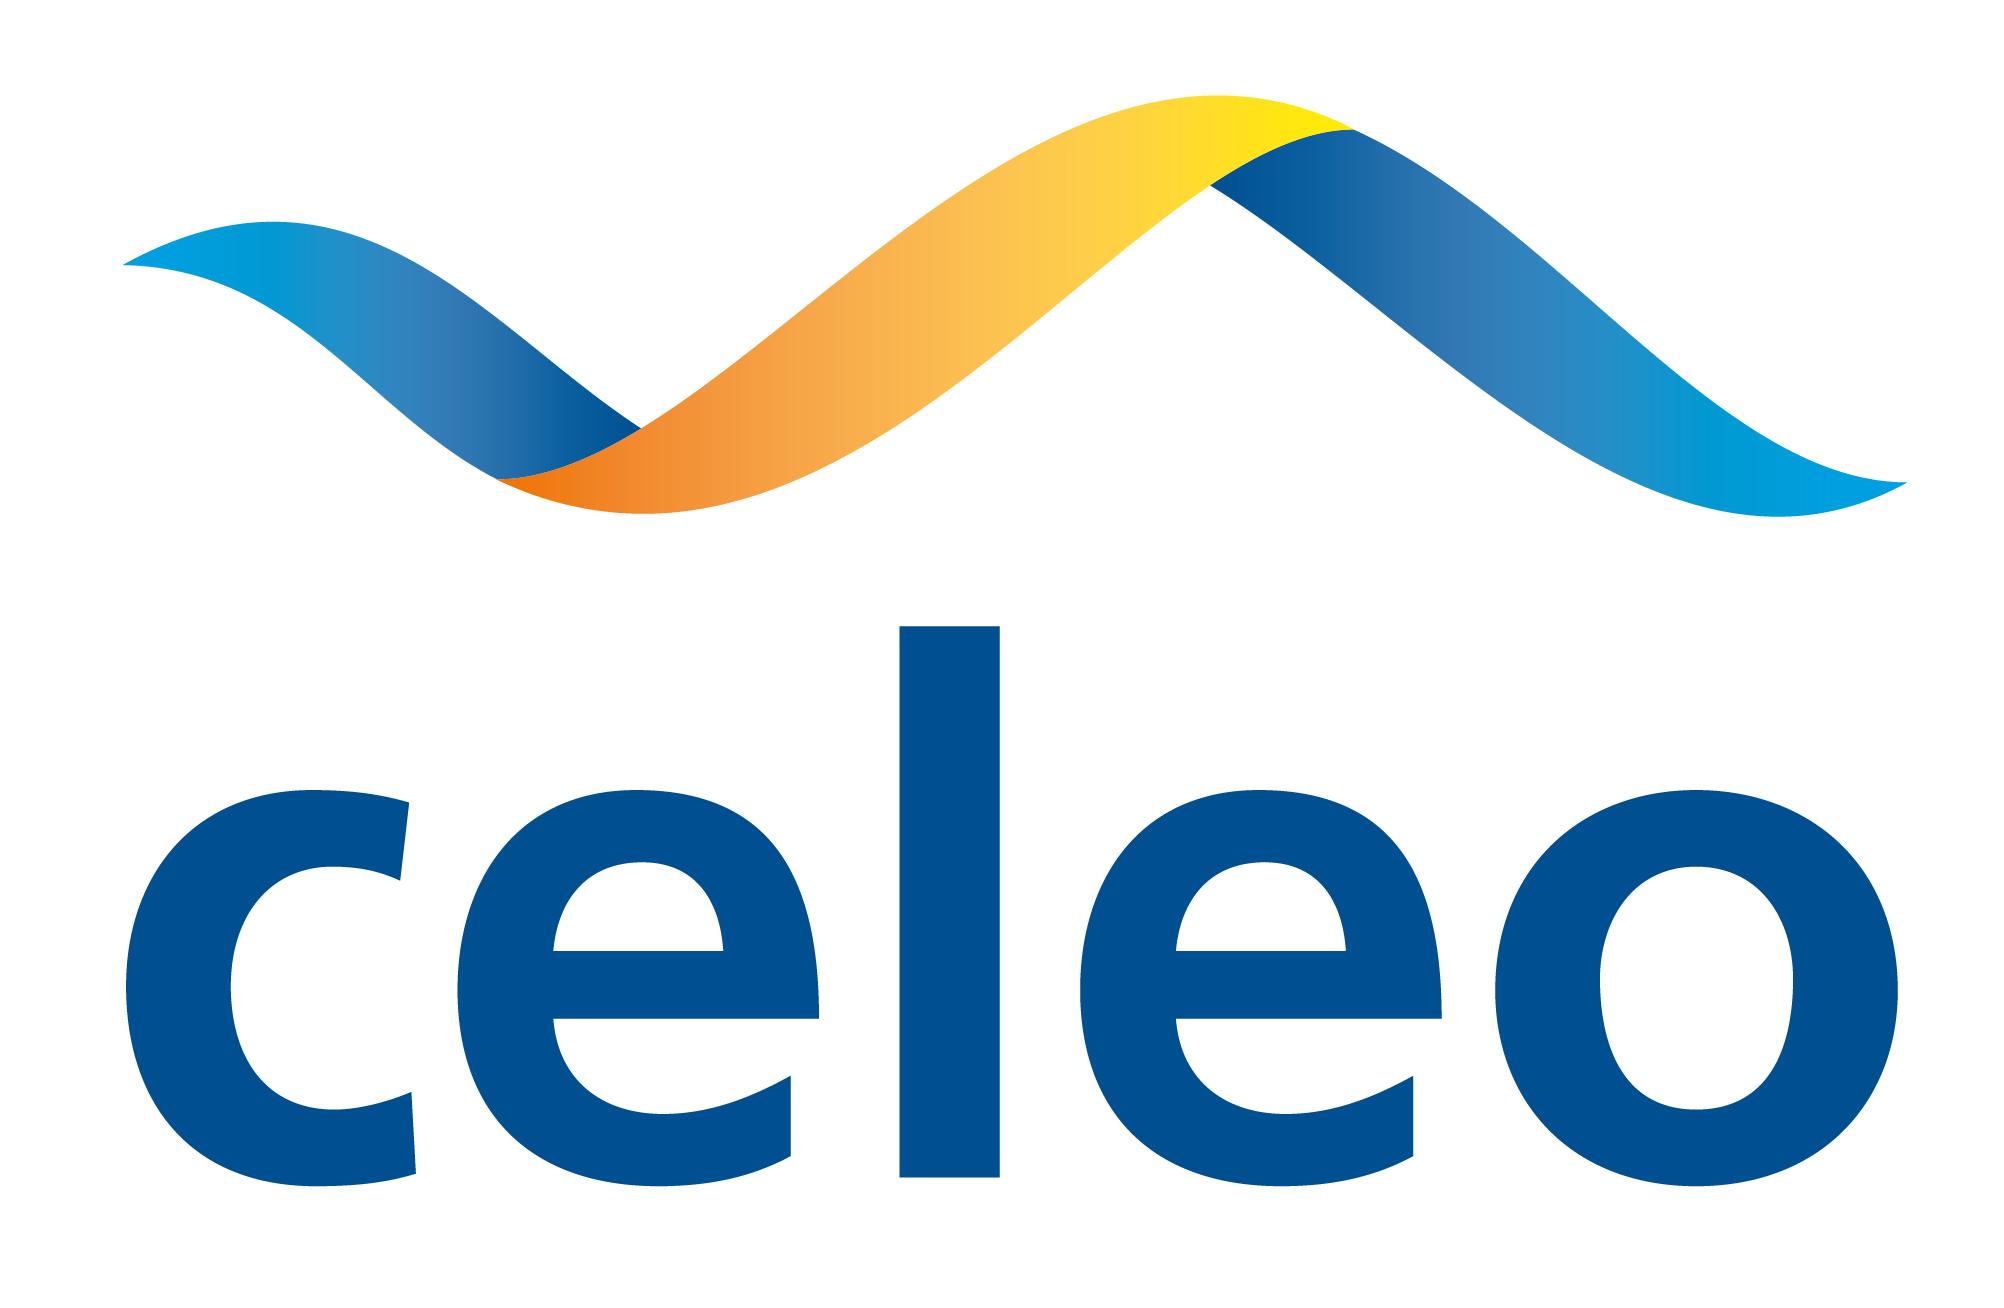 Celeo Redes